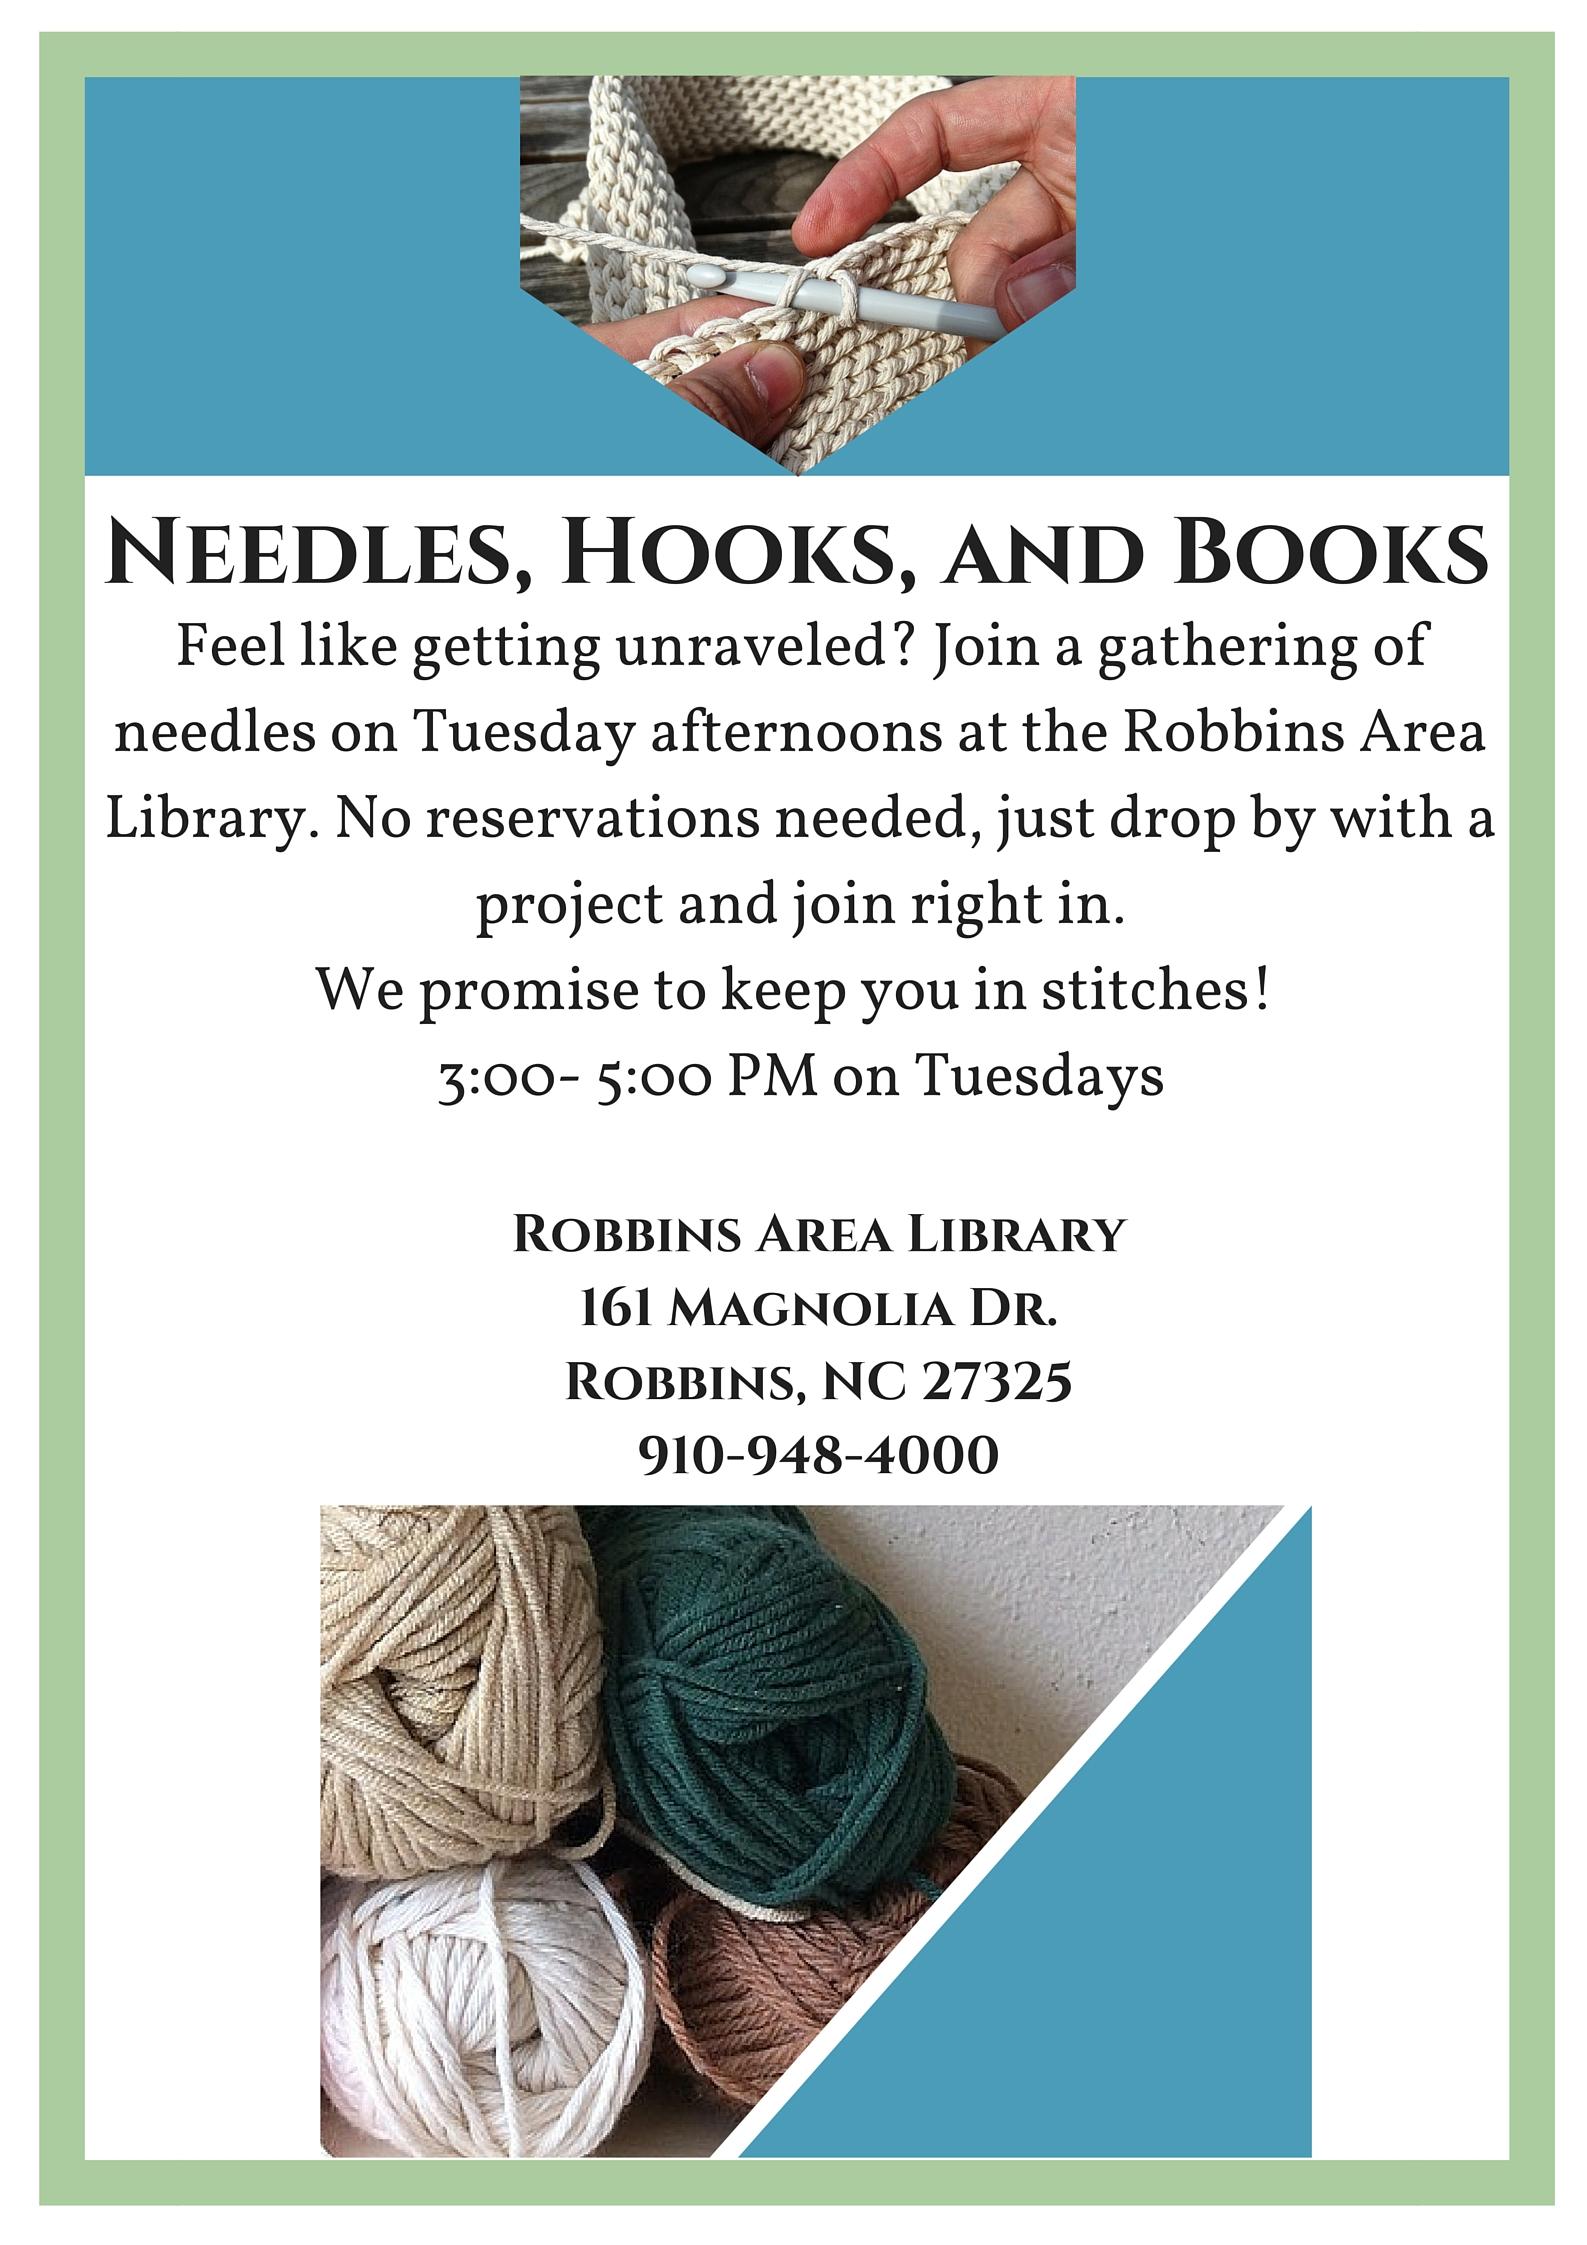 Needles__Hooks__and_Books.jpg